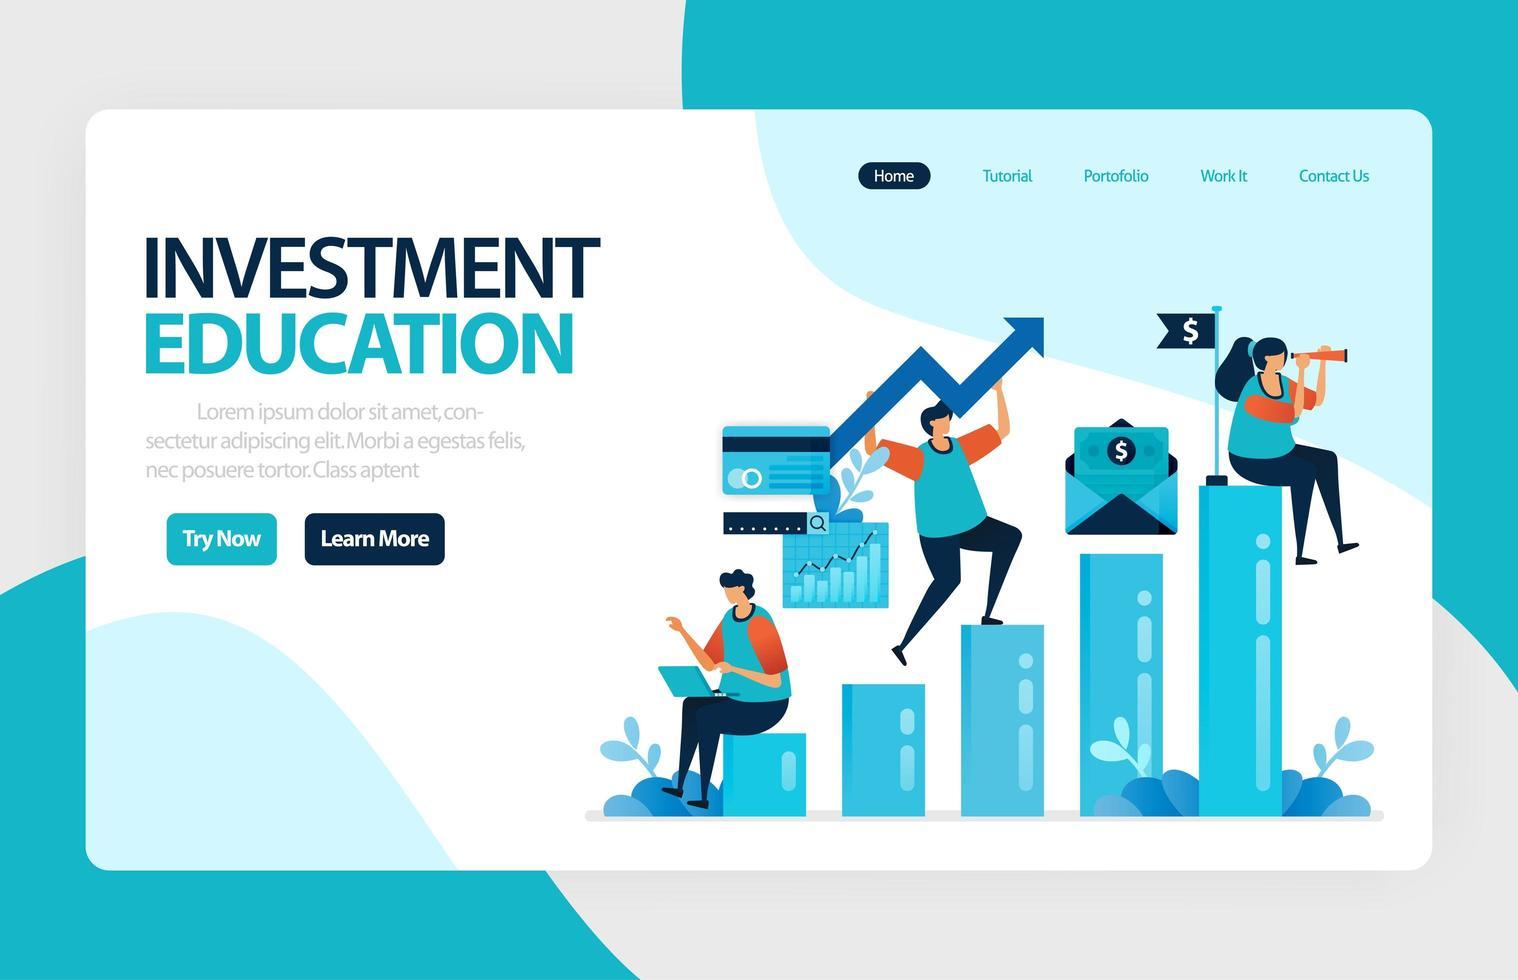 målsidesvektordesign för investeringsutbildning. avkastning på investering med planering, aktiemarknad och fonder, ränta, penningmarknad. för banner, illustration, webb, webbplats, mobilappar vektor